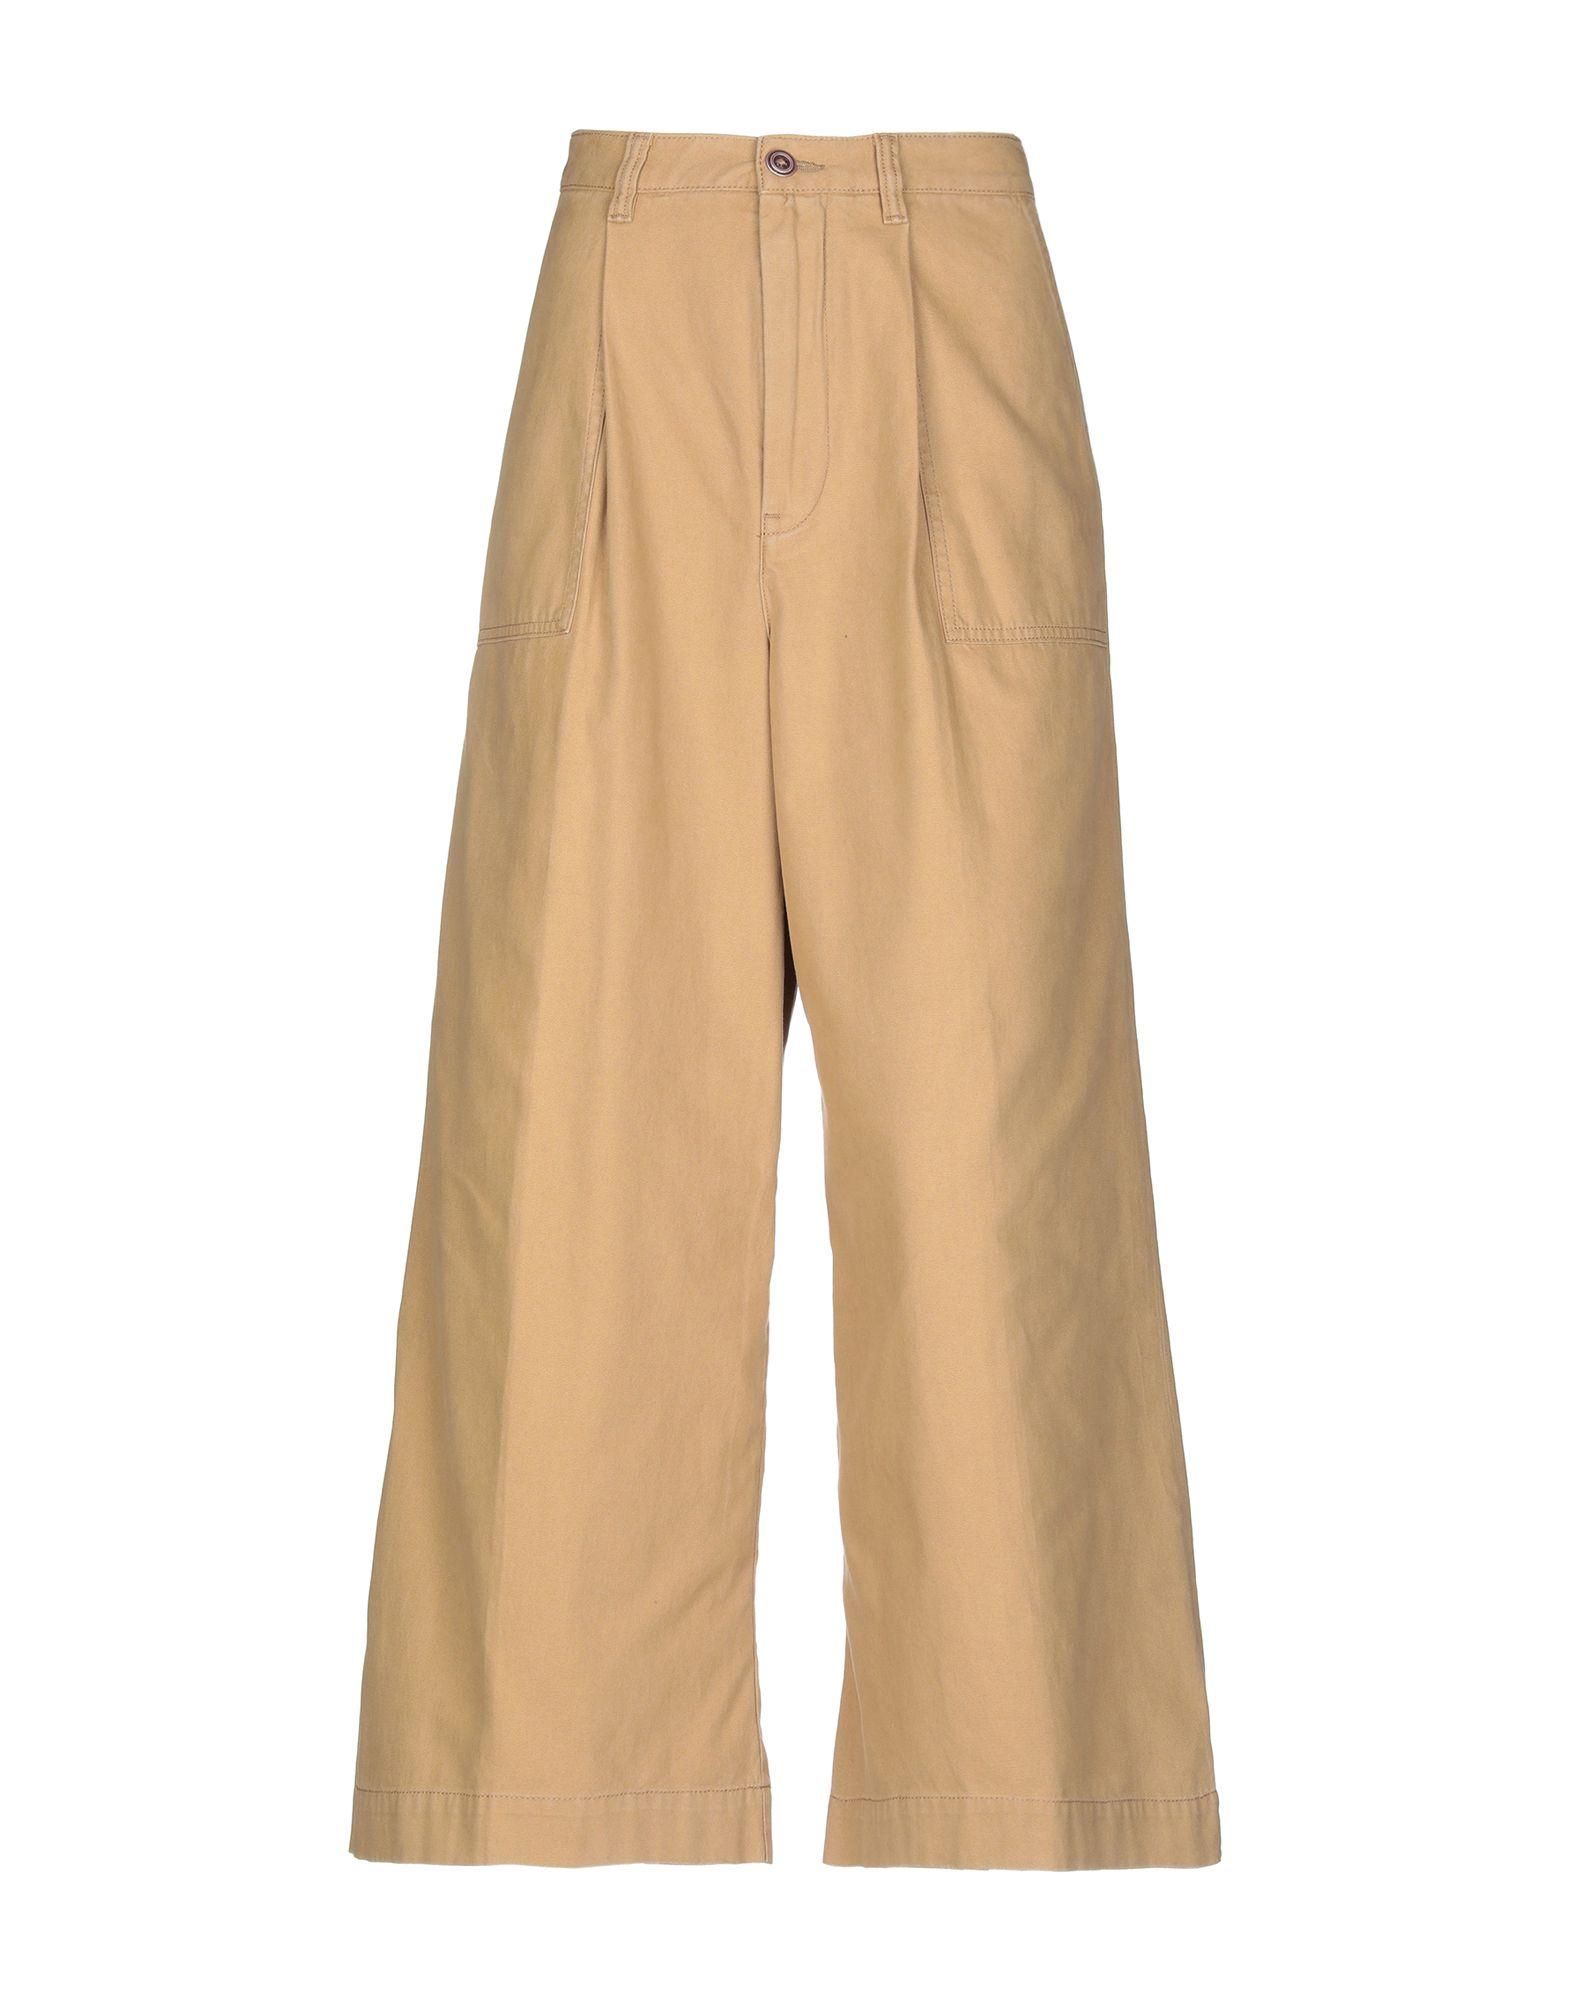 《送料無料》PENCE レディース パンツ キャメル 42 コットン 100%